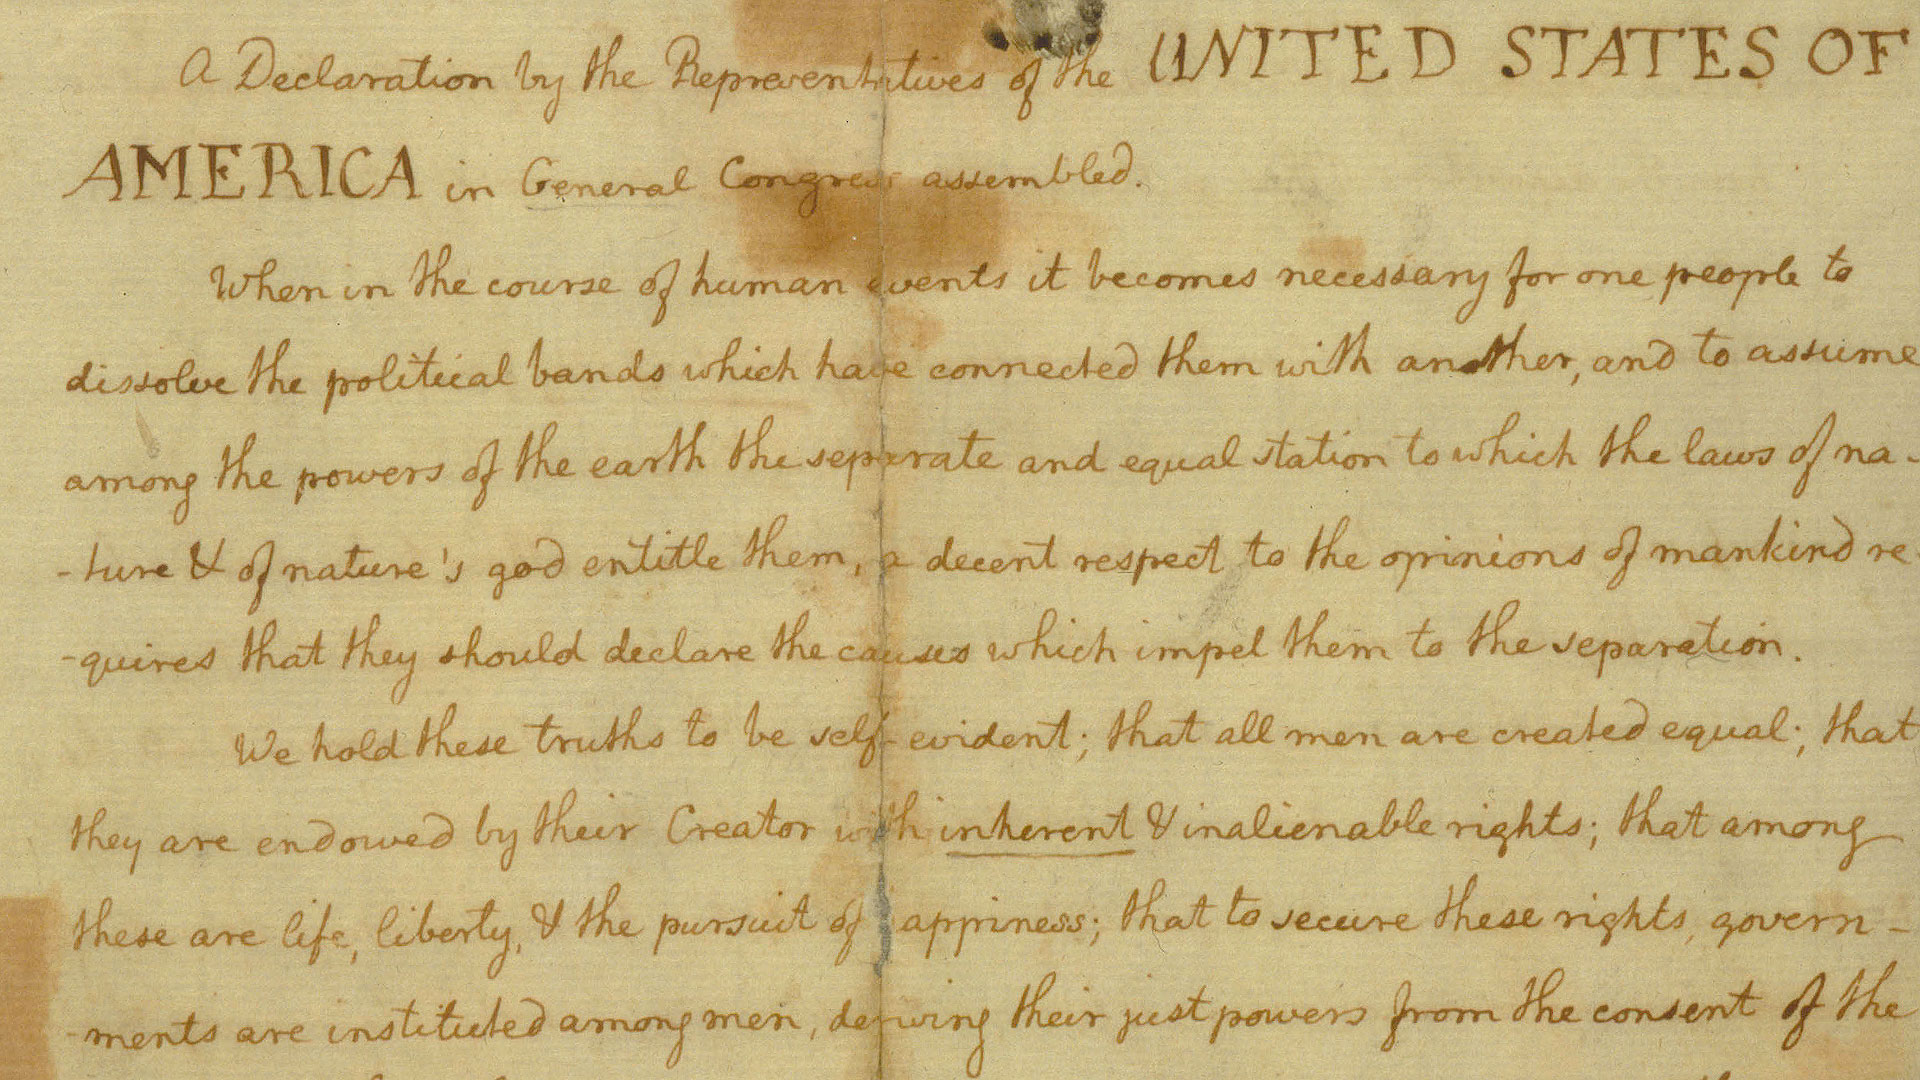 Magna Carta in modern America